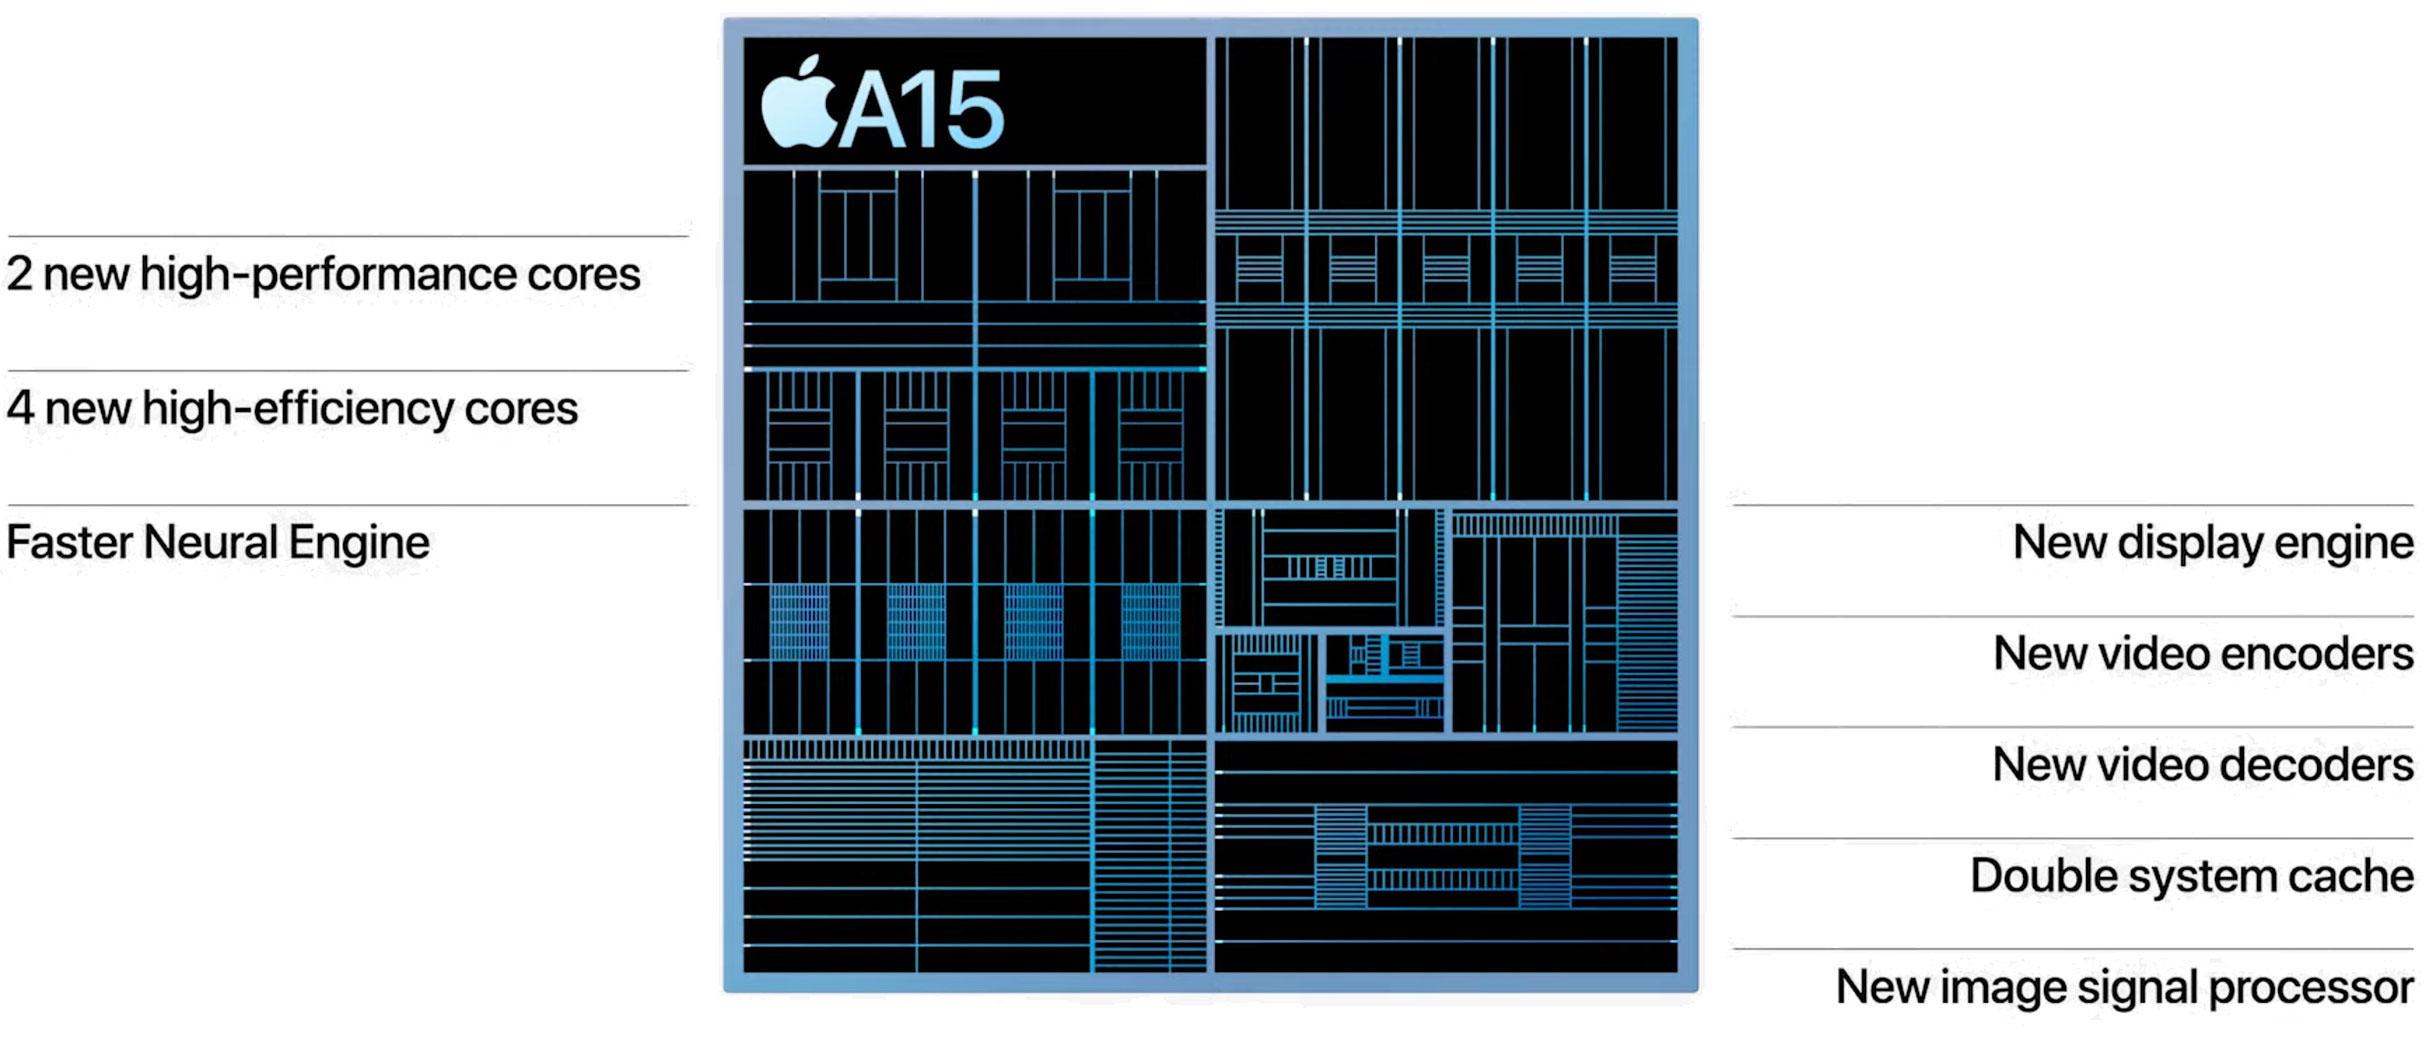 https://www.macfreak.nl/modules/news/images/zArt.A15Bionic-chip.jpg